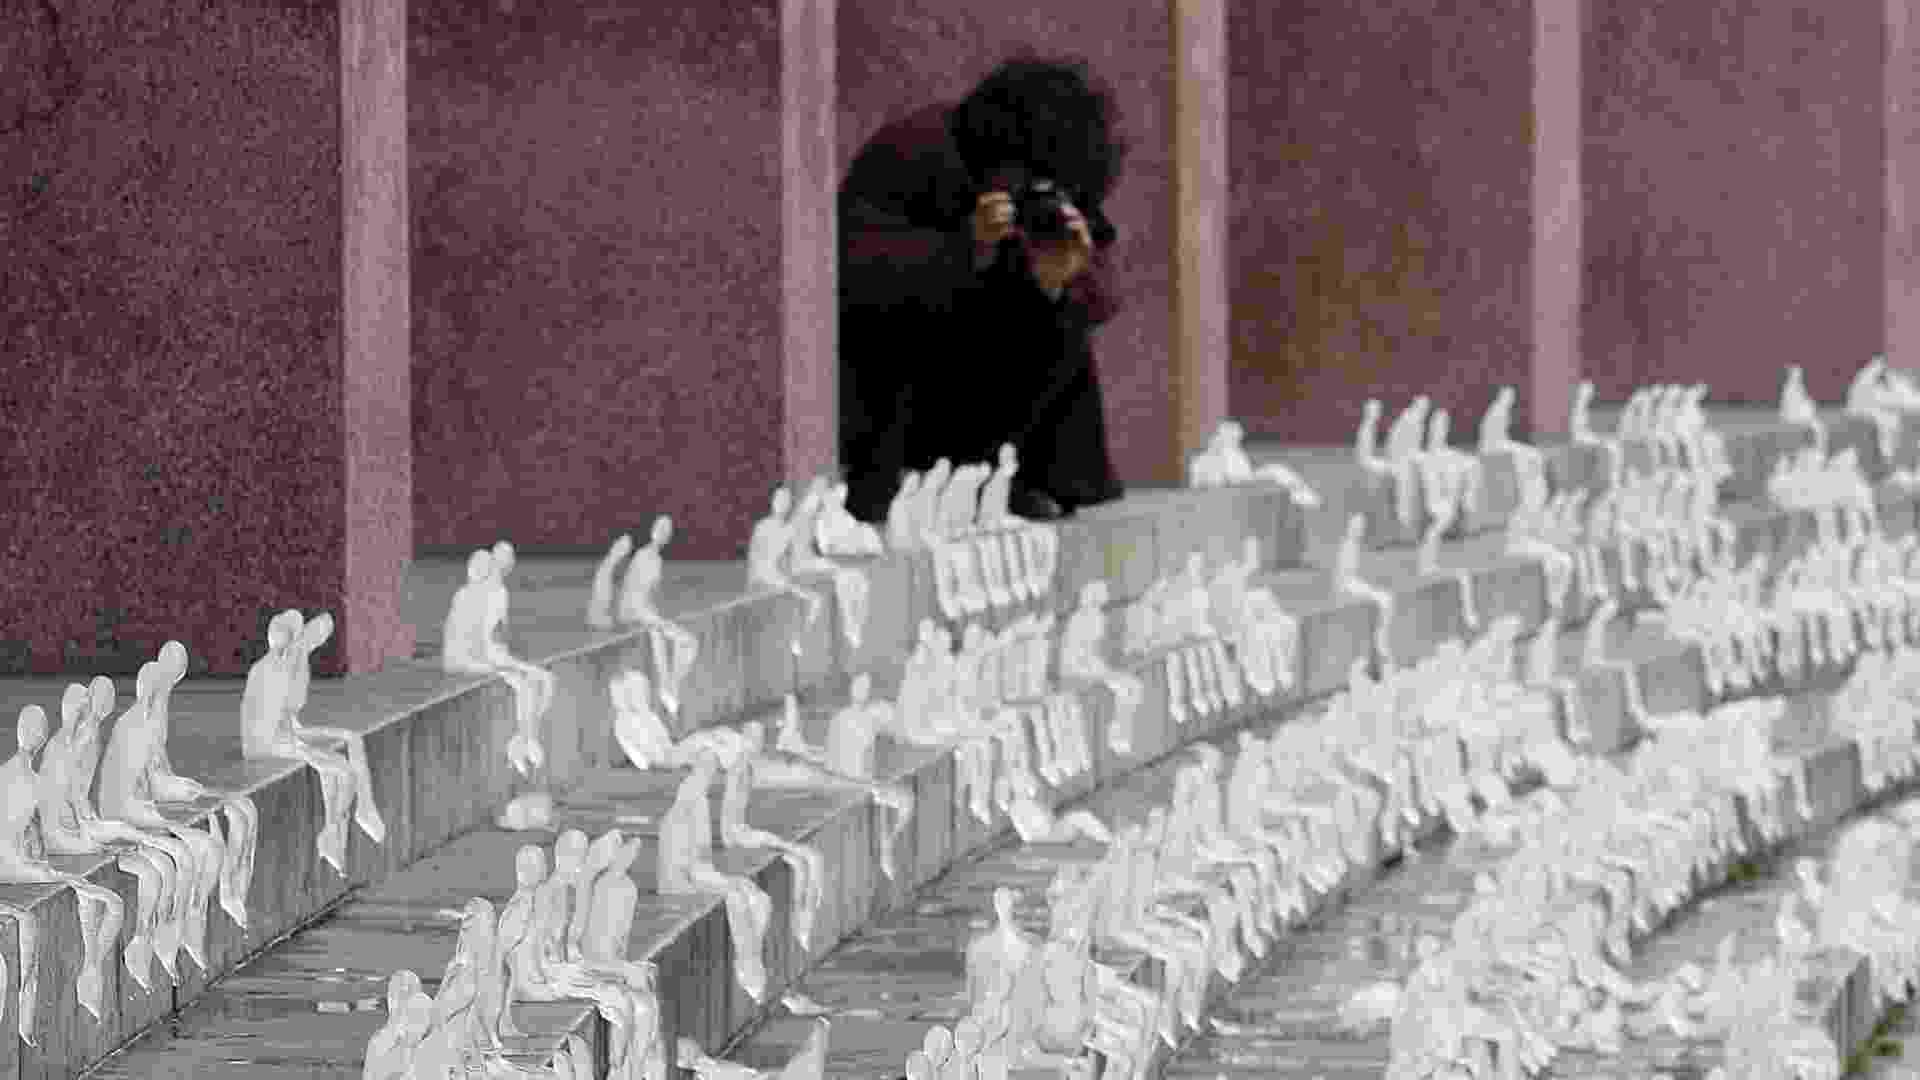 A artista plástica e arquiteta brasileira Nele Azevedo instala mil figuras de gelo em frente da Universidade do Chile para alertar sobre as consequências do aquecimento global (22/8/2012)  - EFE/Mario Ruiz